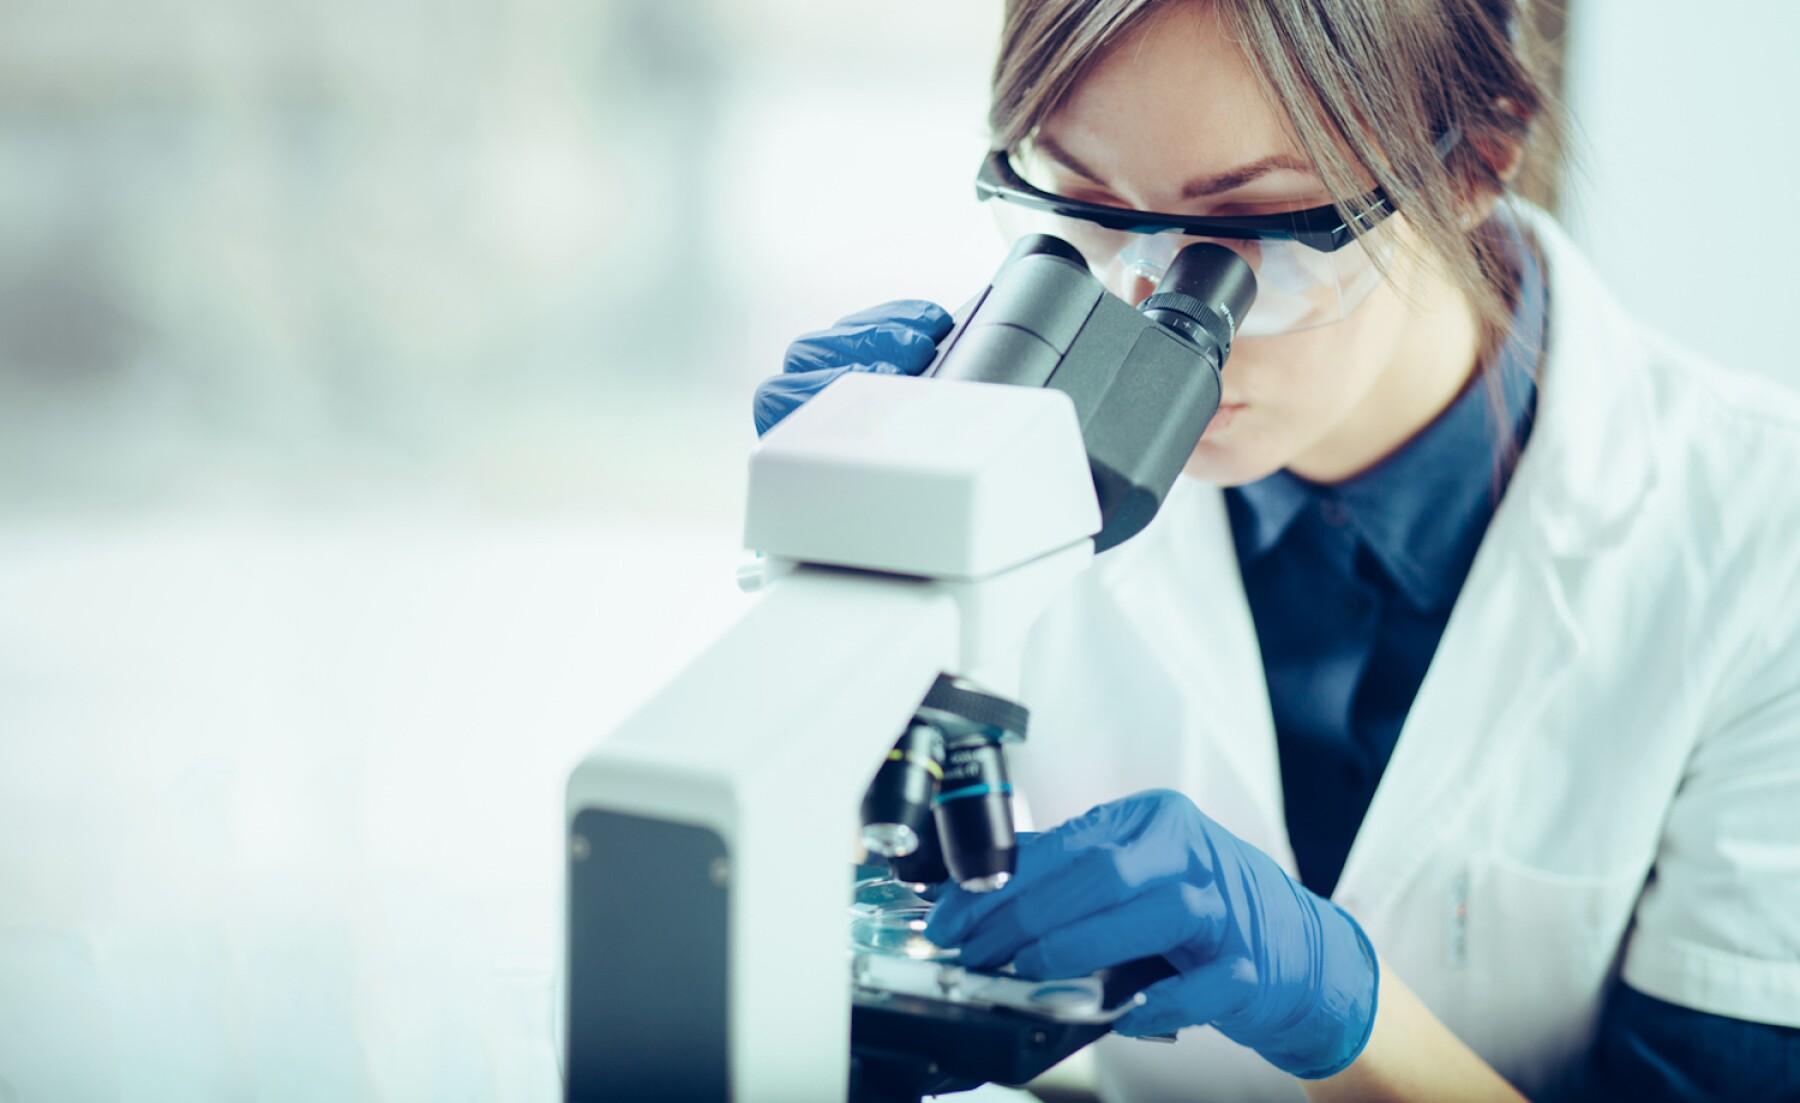 Mujeres en la ciencia - científicas - ciencia y tecnología